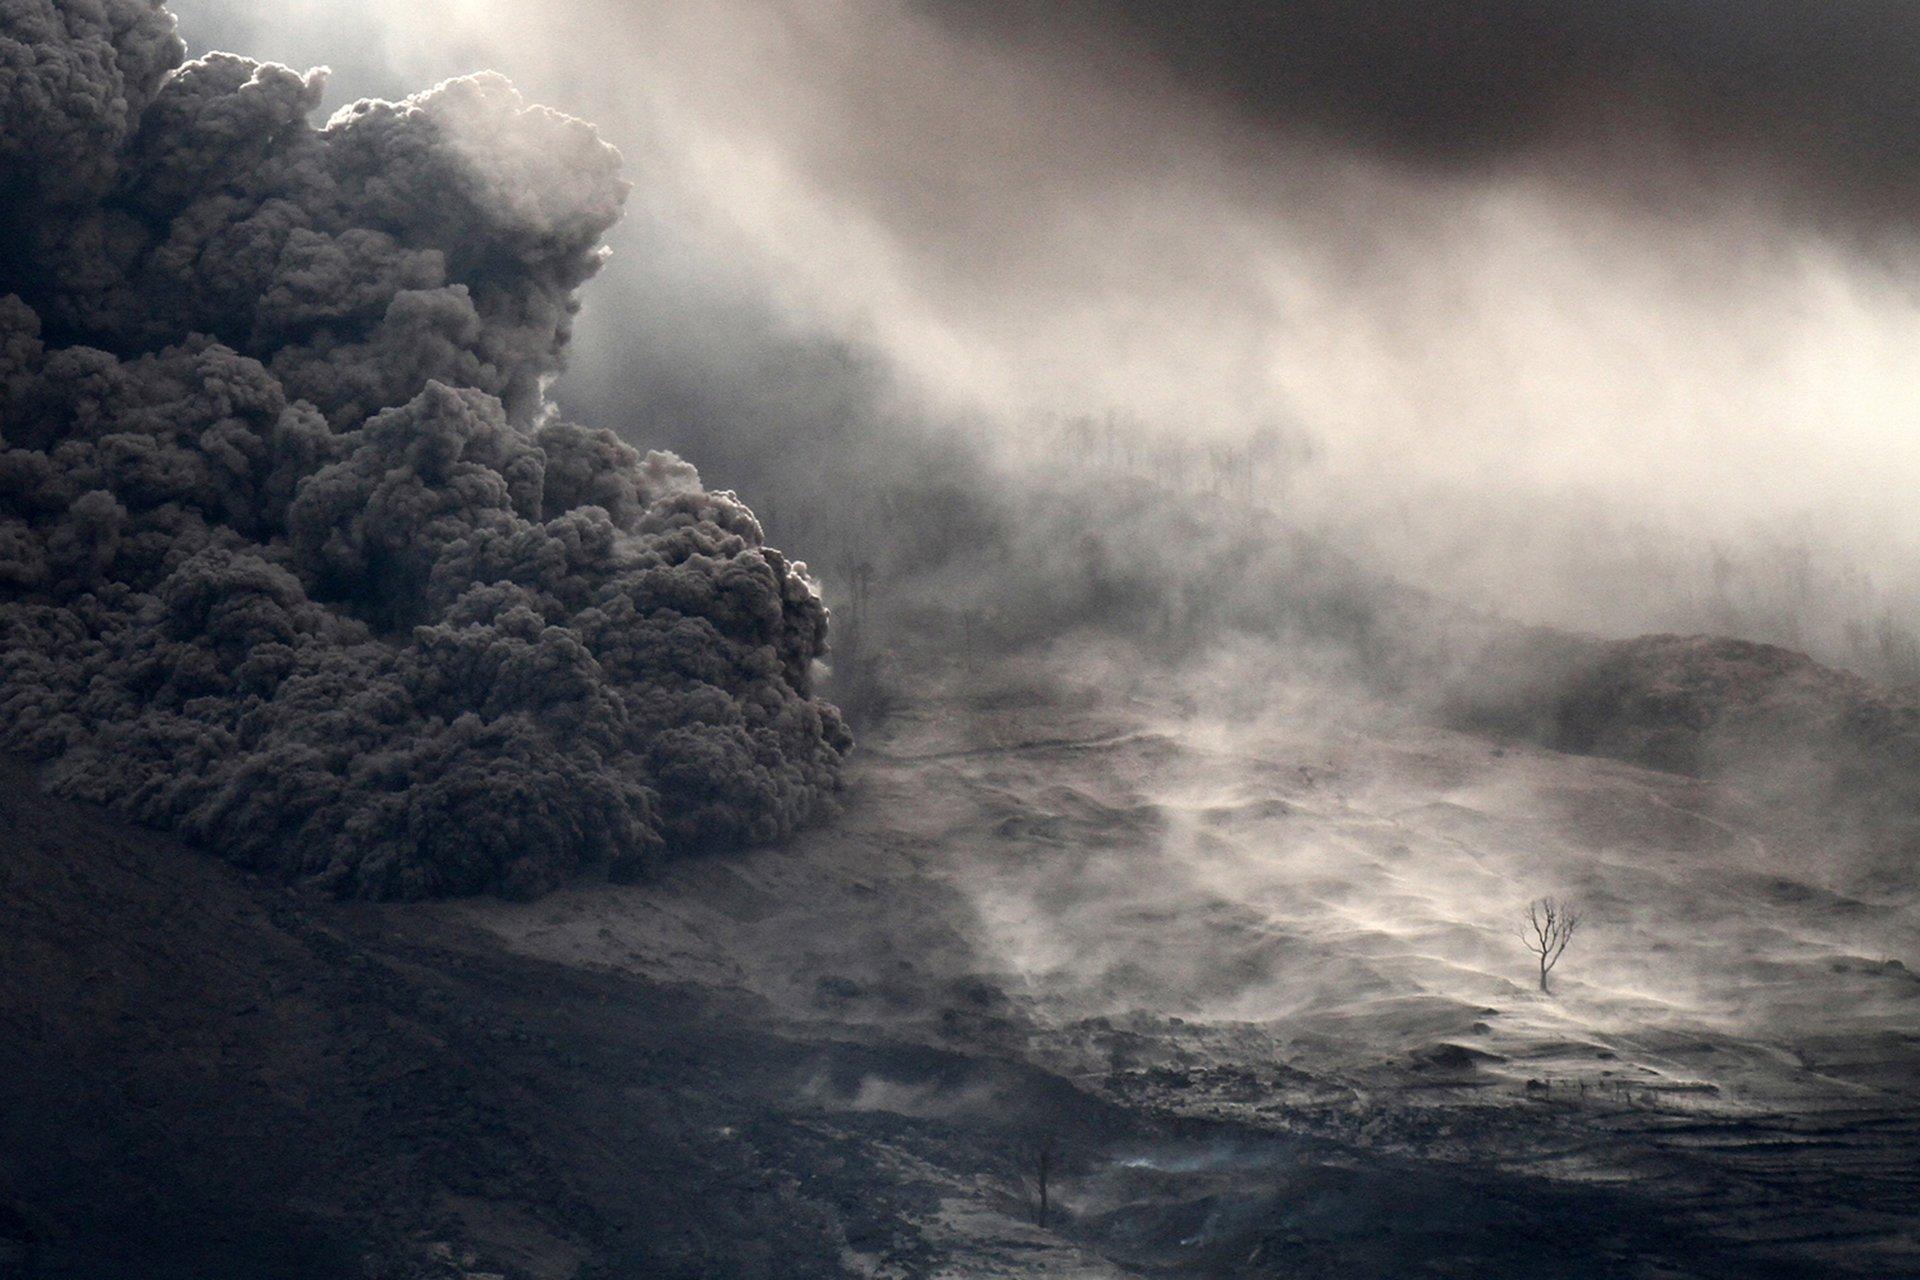 Ganador del Gran Premio: Lo que queda en las laderas del monte Sinabung, por Albert Ivan Damanik